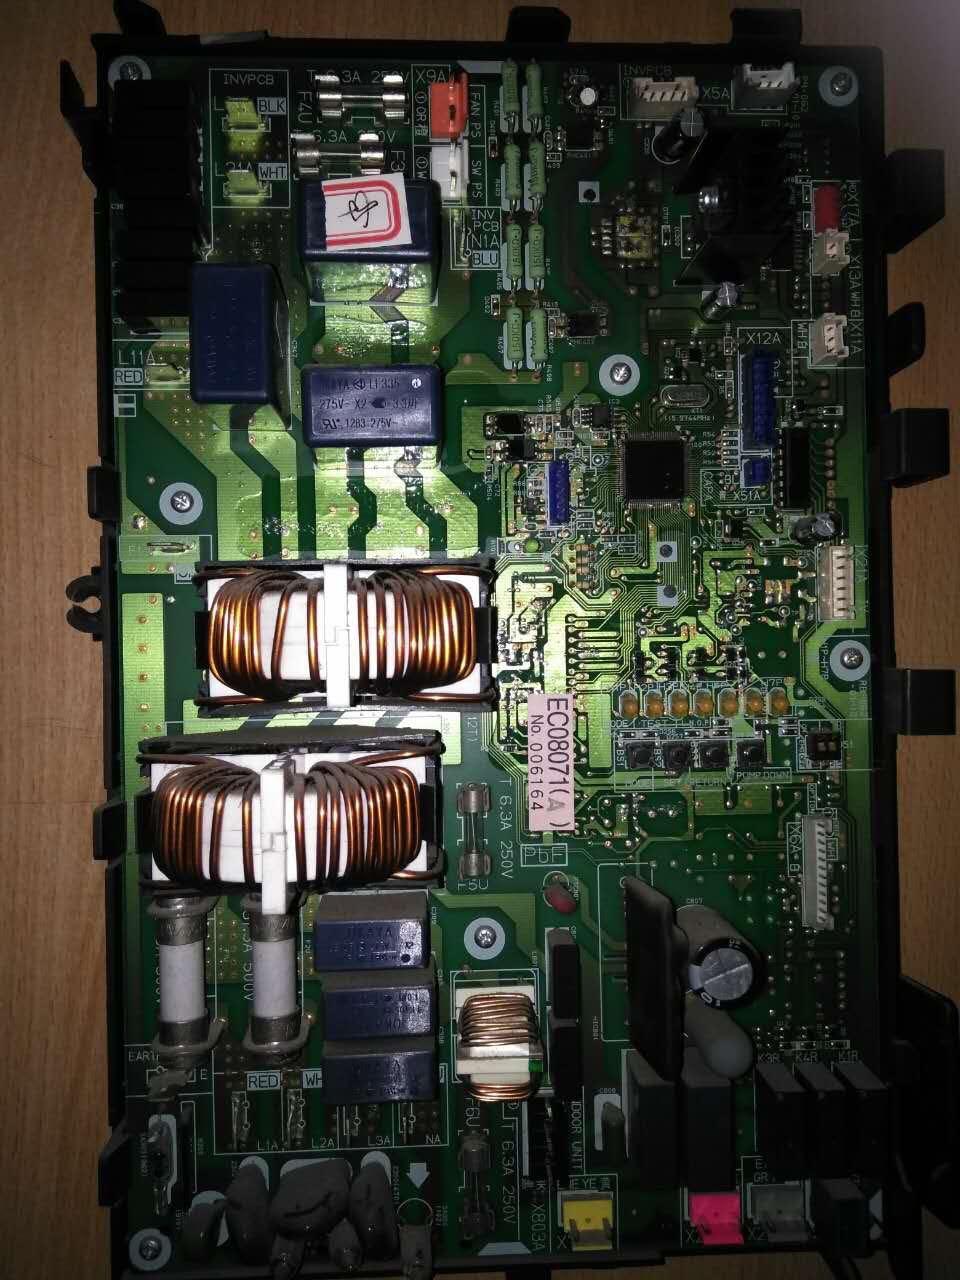 Daikin klimaanlagen - Daikin und EC08071 mainboard